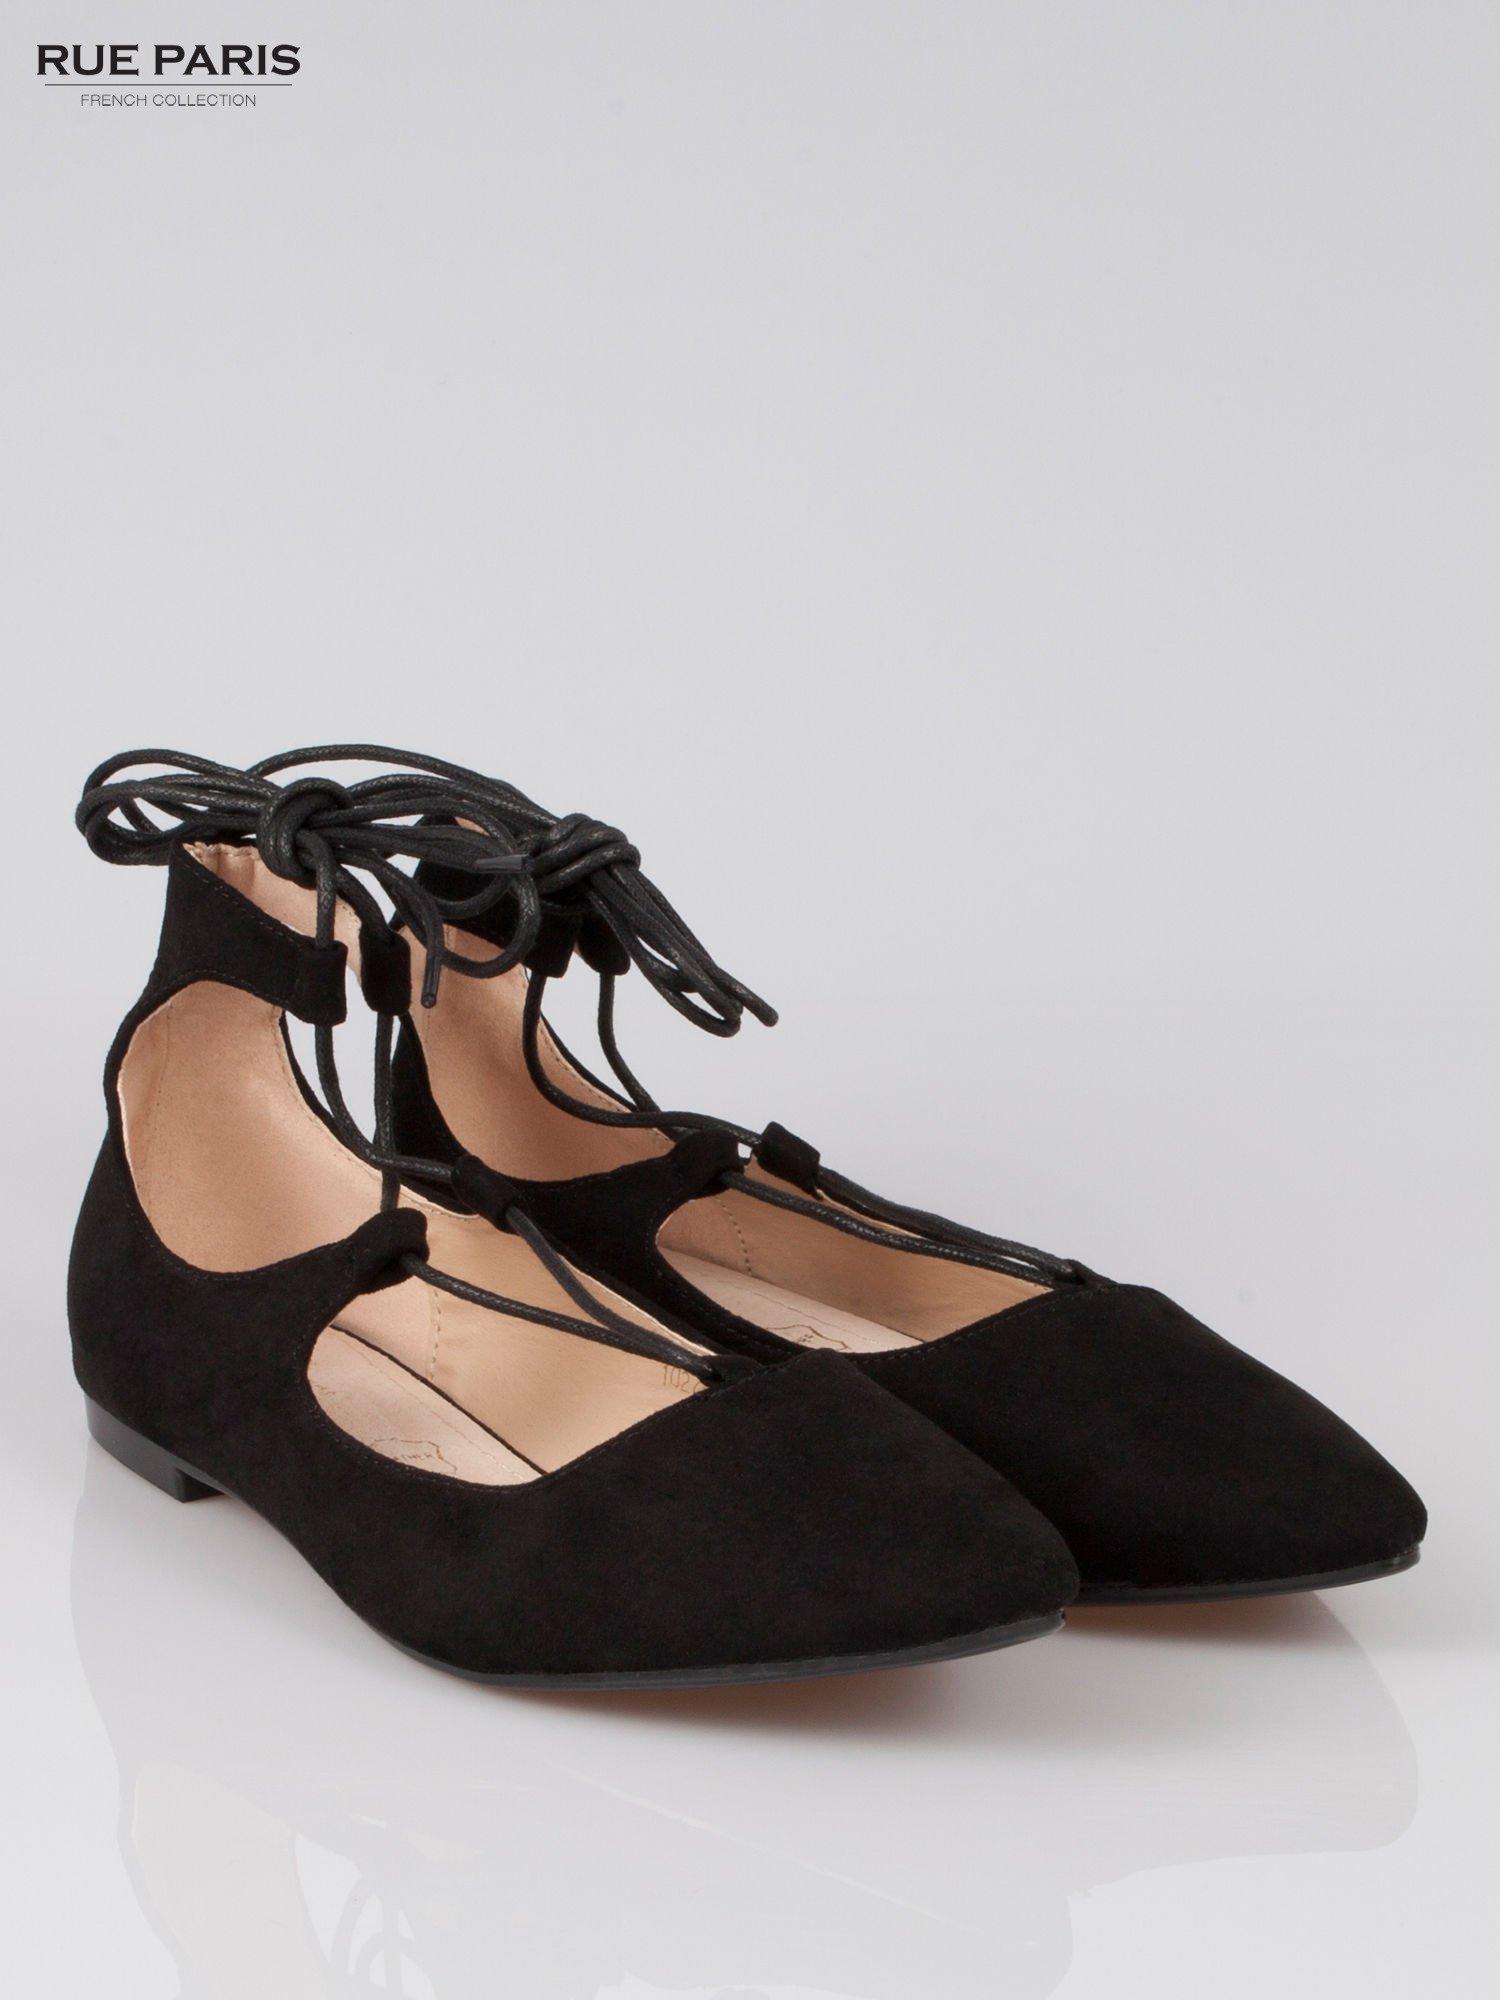 Czarne wiązane baleriny faux suede Kim lace up z zamszu                                  zdj.                                  2